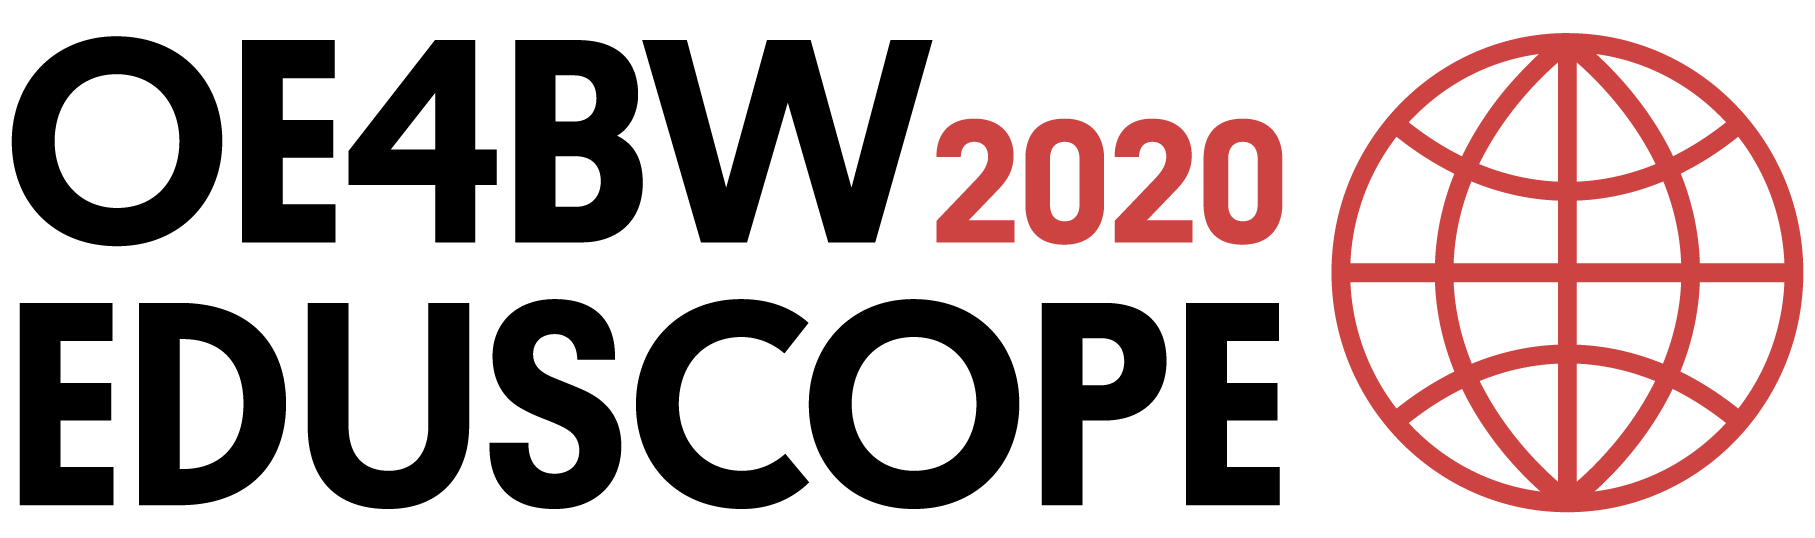 OE4BW Eduscope 2020